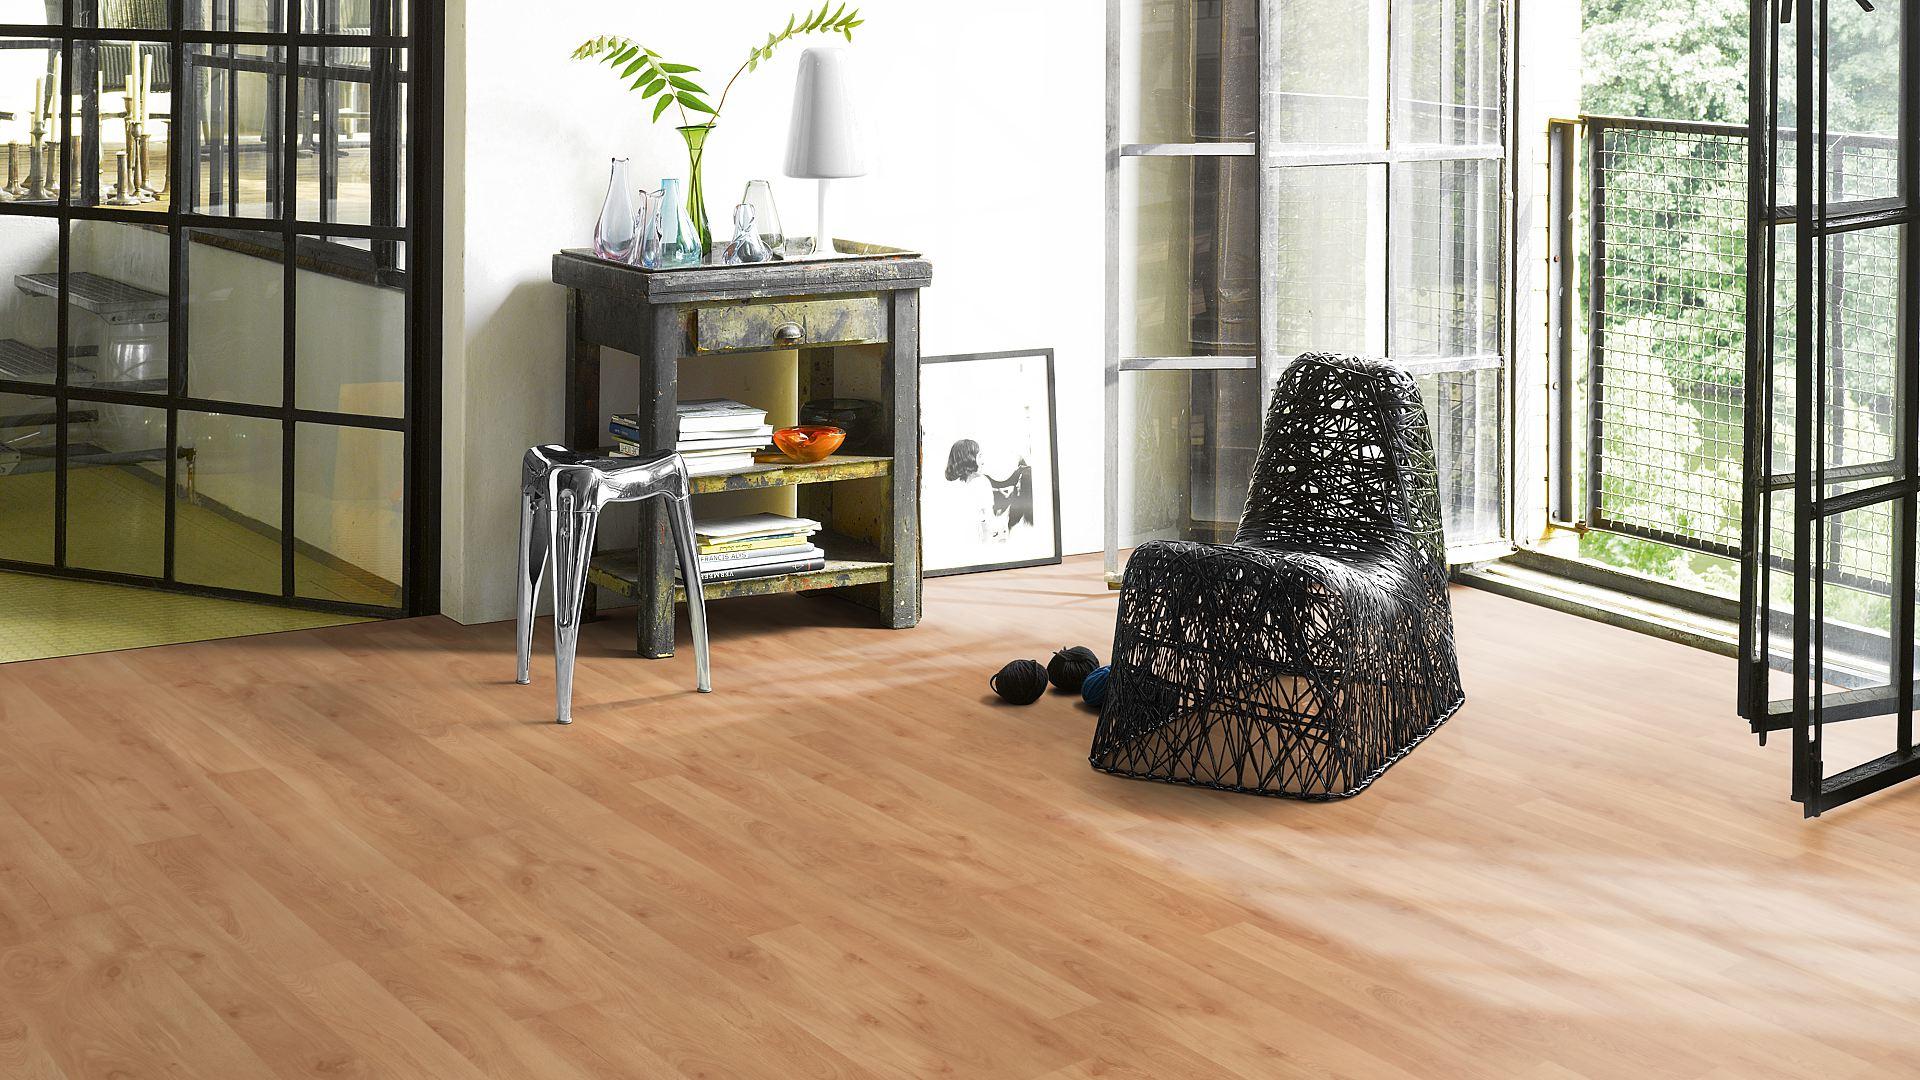 Ламинат Parador, Basic Plus 200, 1440984 Бук, 2-полосный, древестная поверхность